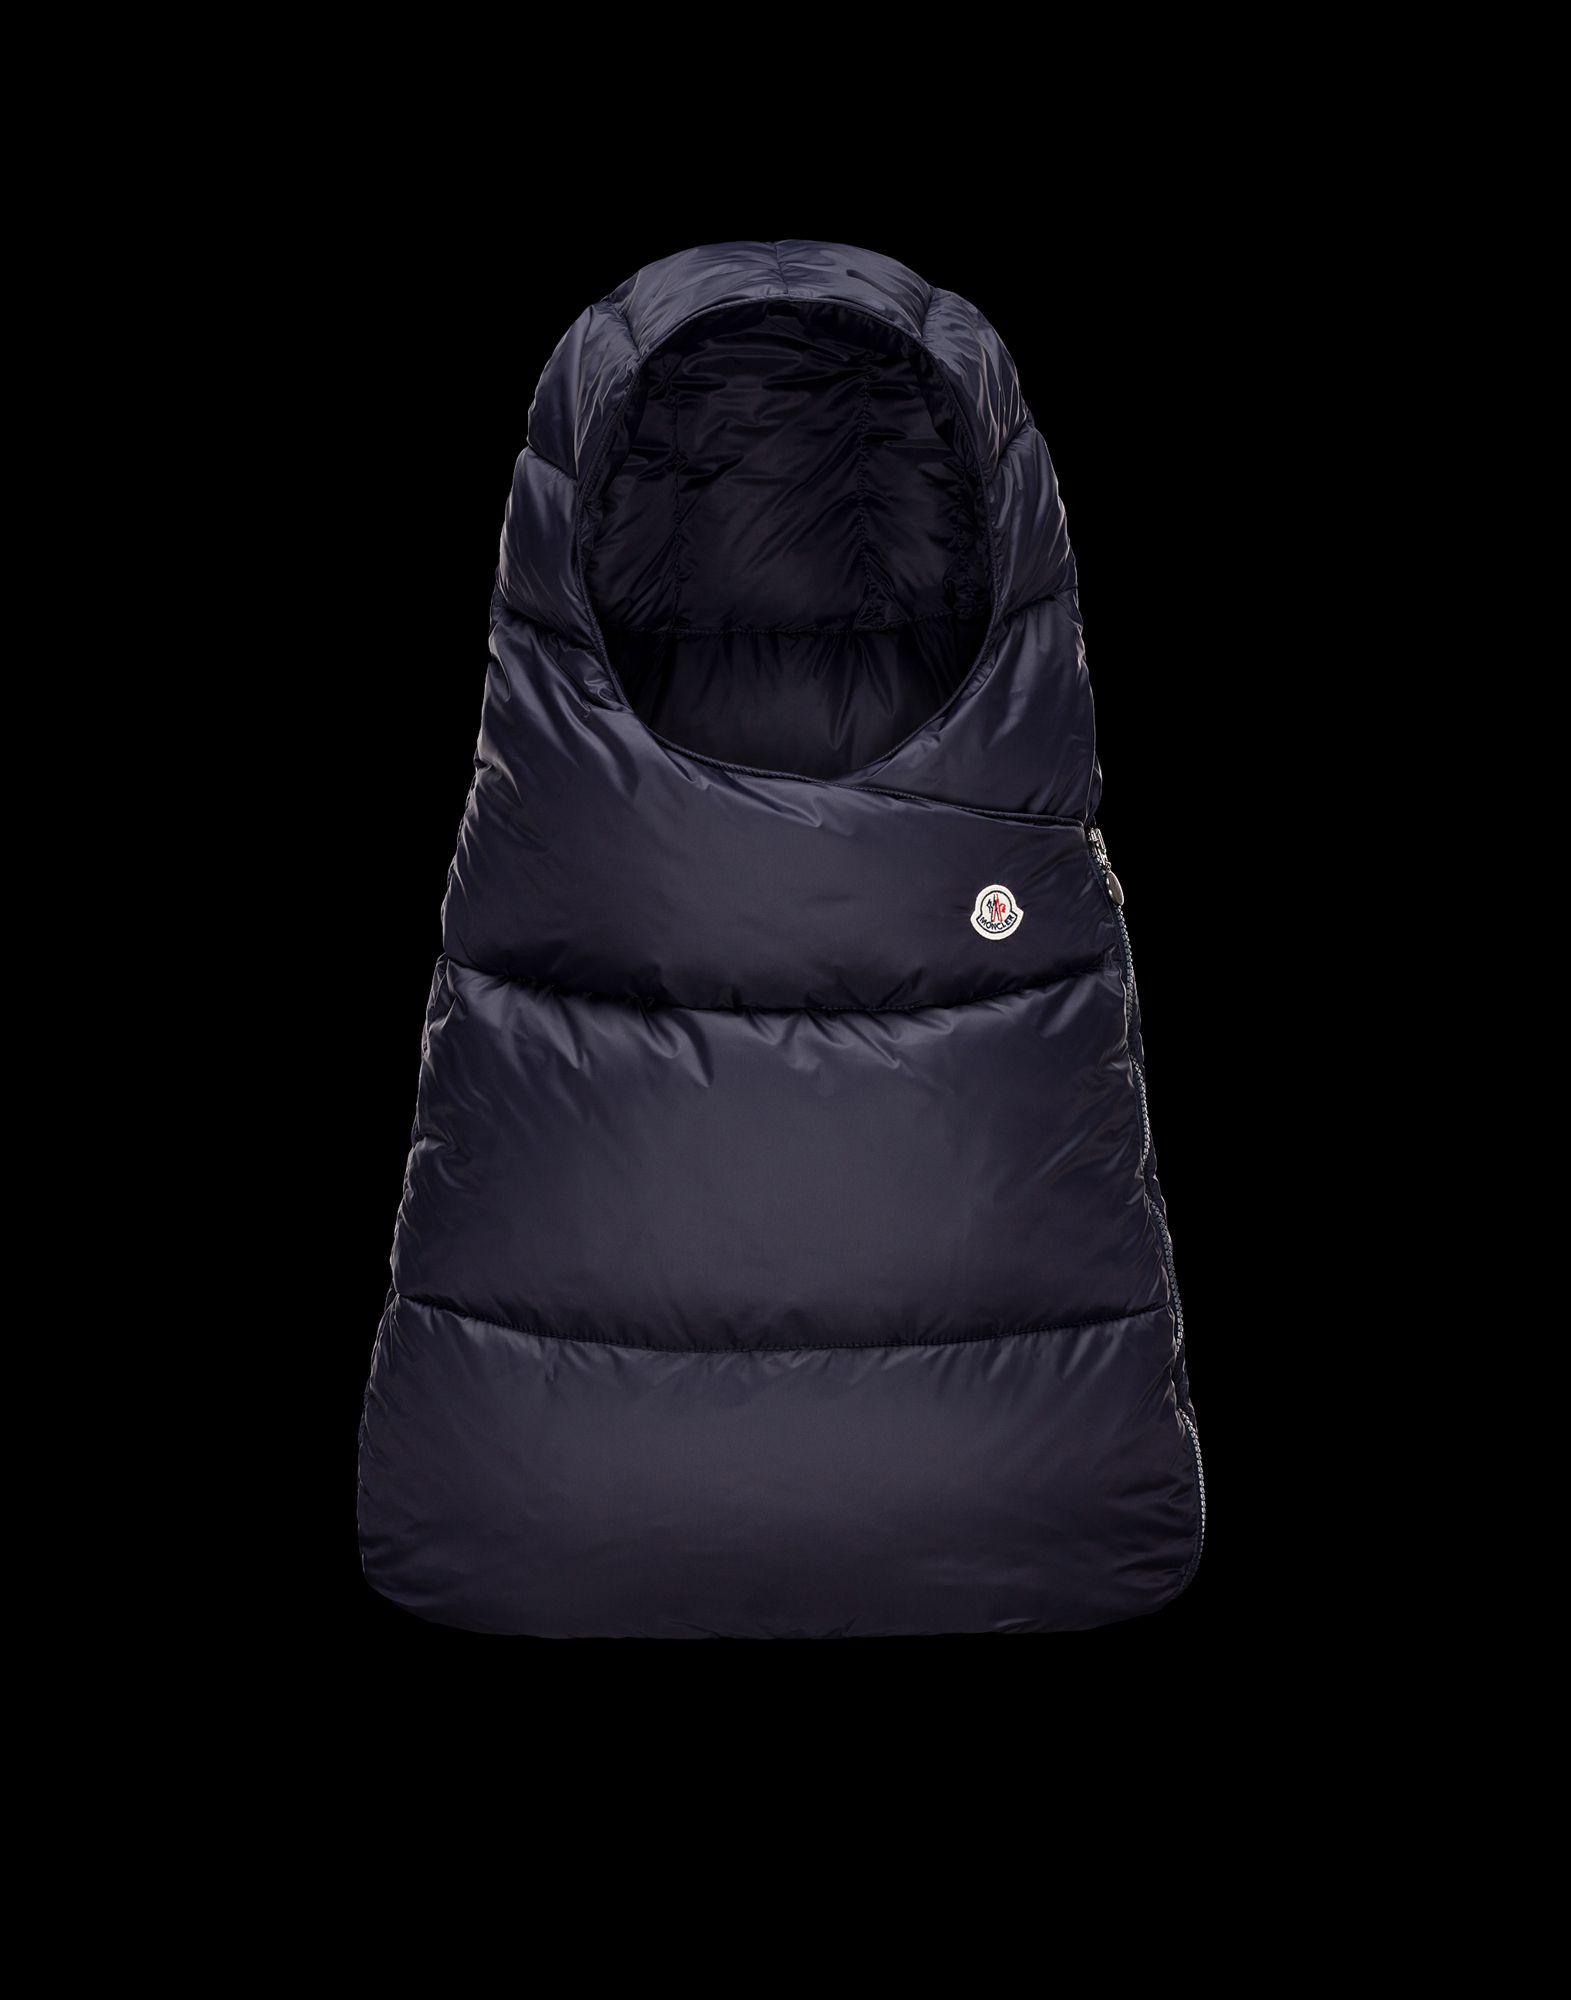 brillante nella lucentezza qualità autentica online più economico qualità superiore elegante sacco baby moncler ...